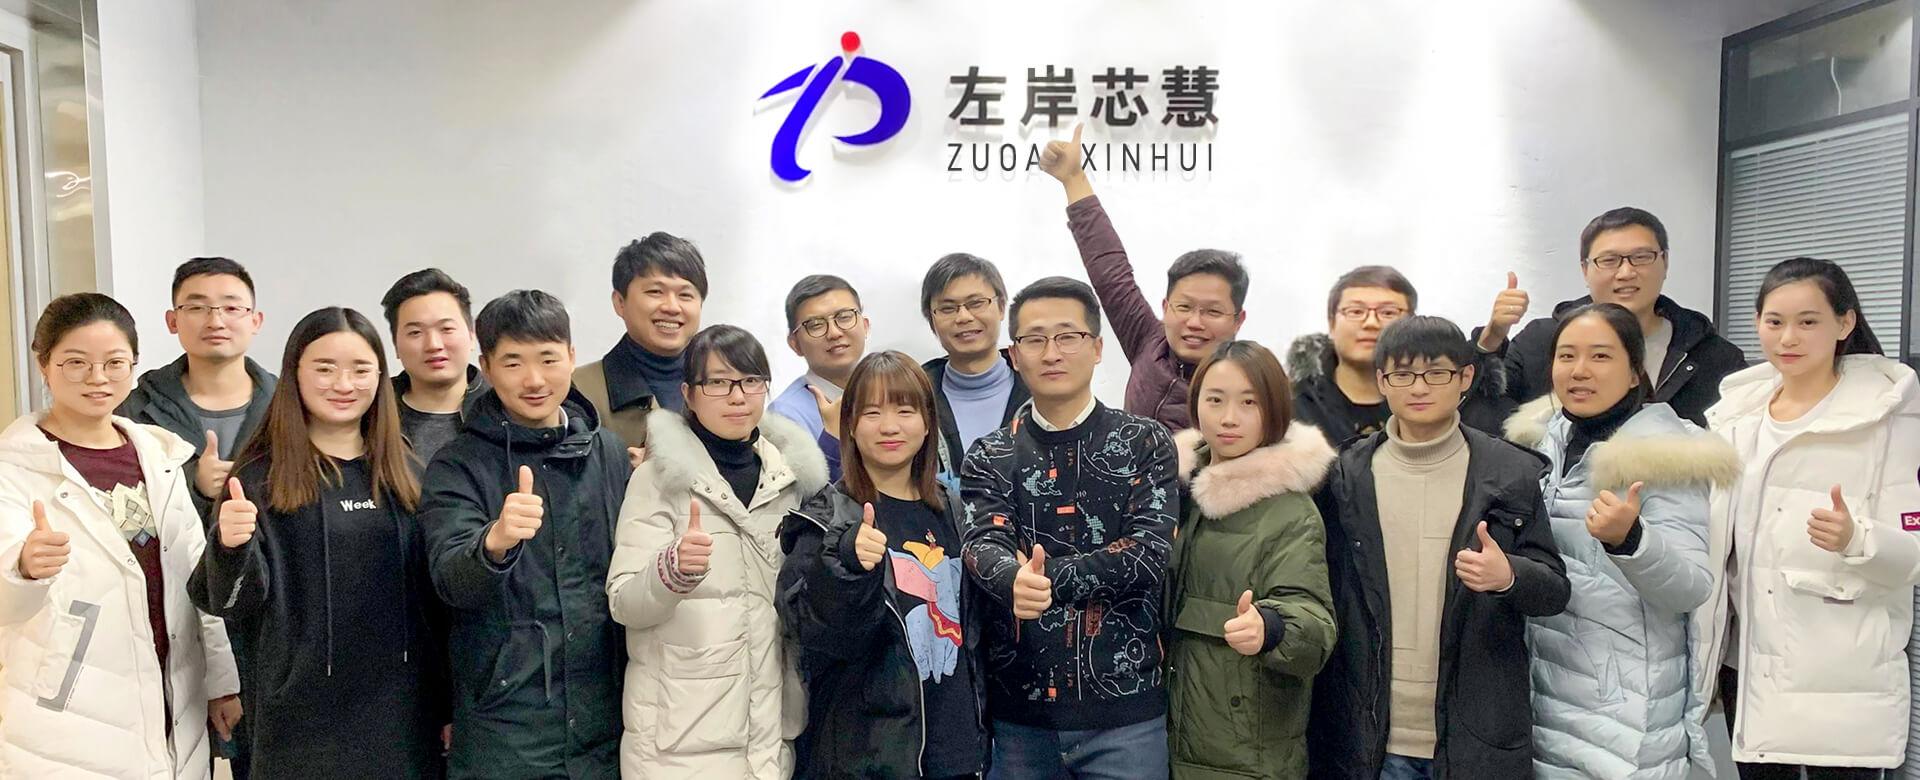 安徽左岸芯慧信息科技有限公司